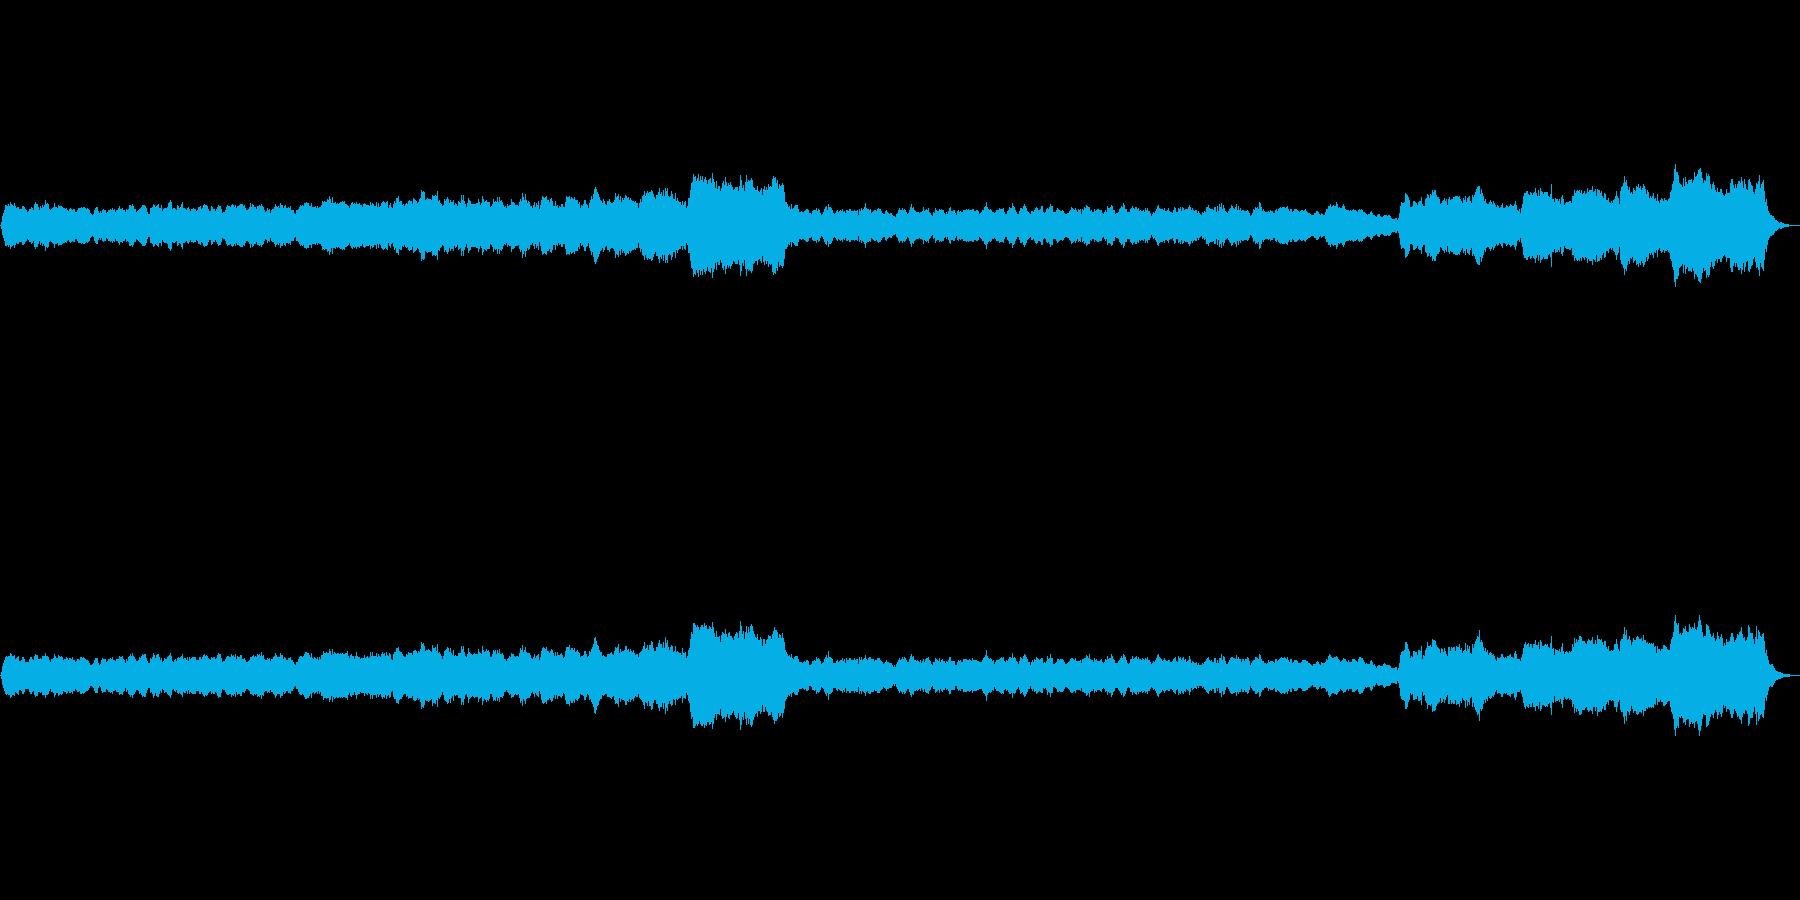 オリジナルパイプオルガン曲。の再生済みの波形